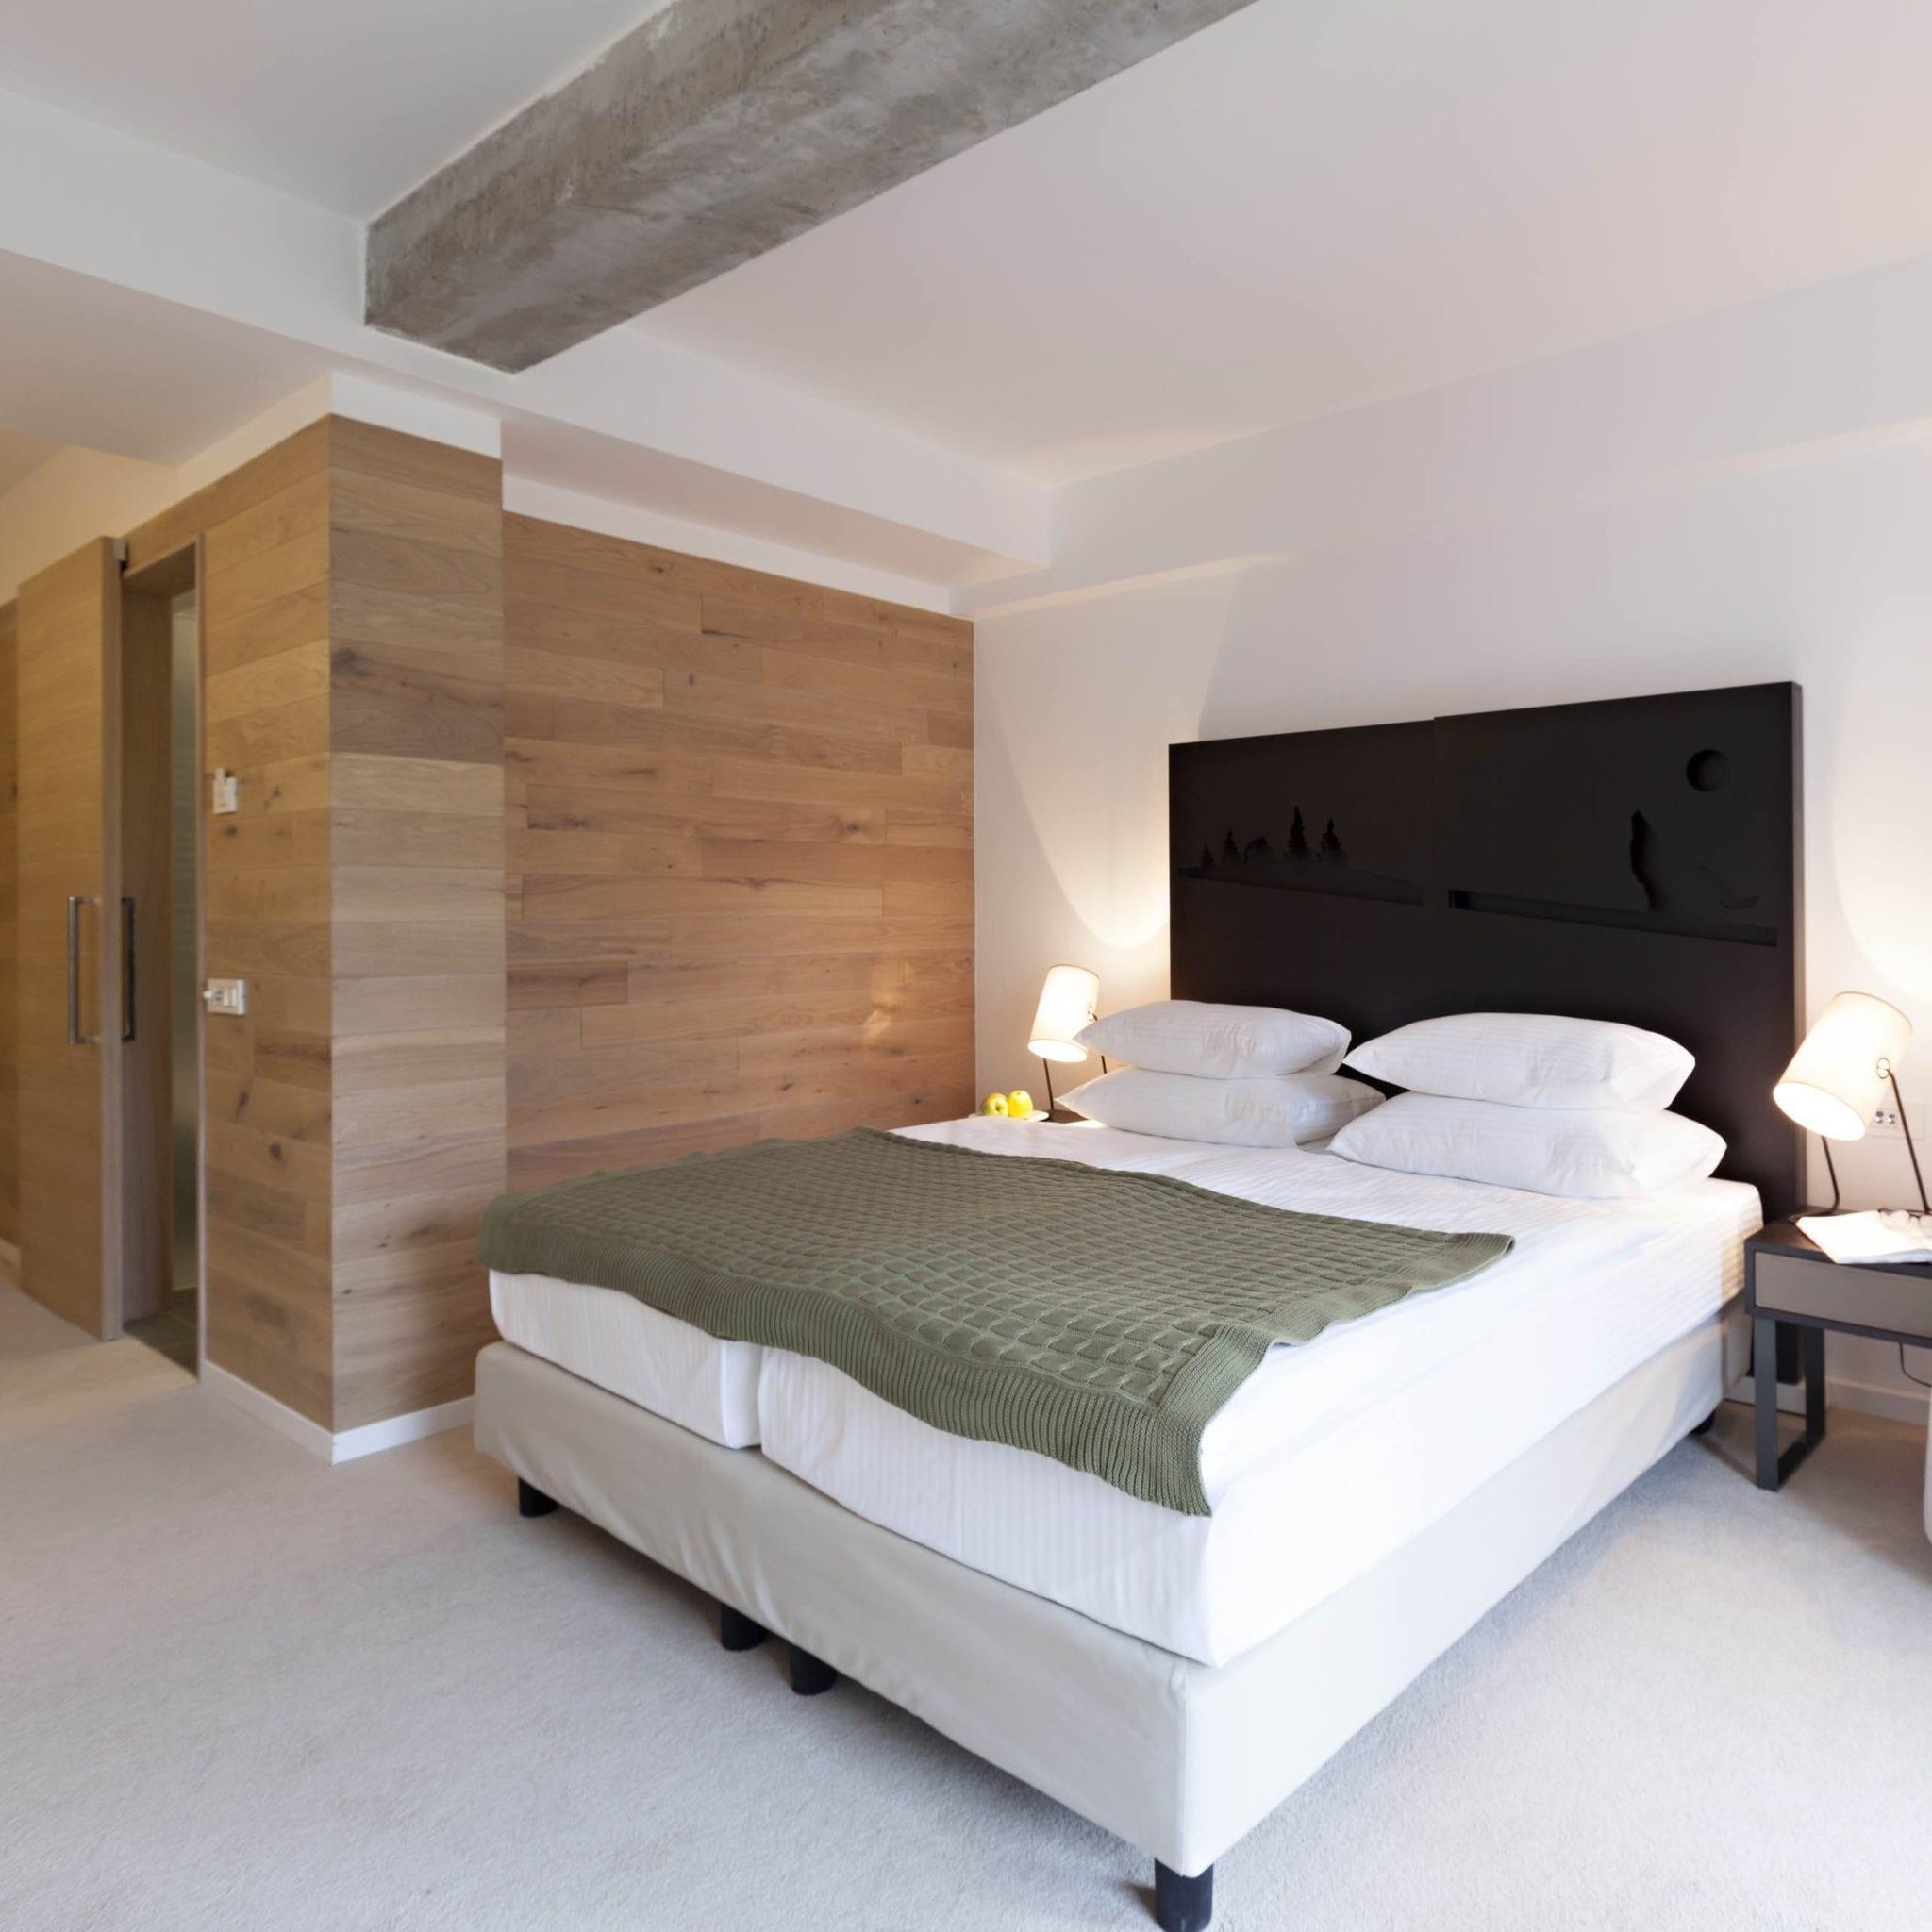 Slaapkamer met boxspring en twee eenpersoonsmatrassen